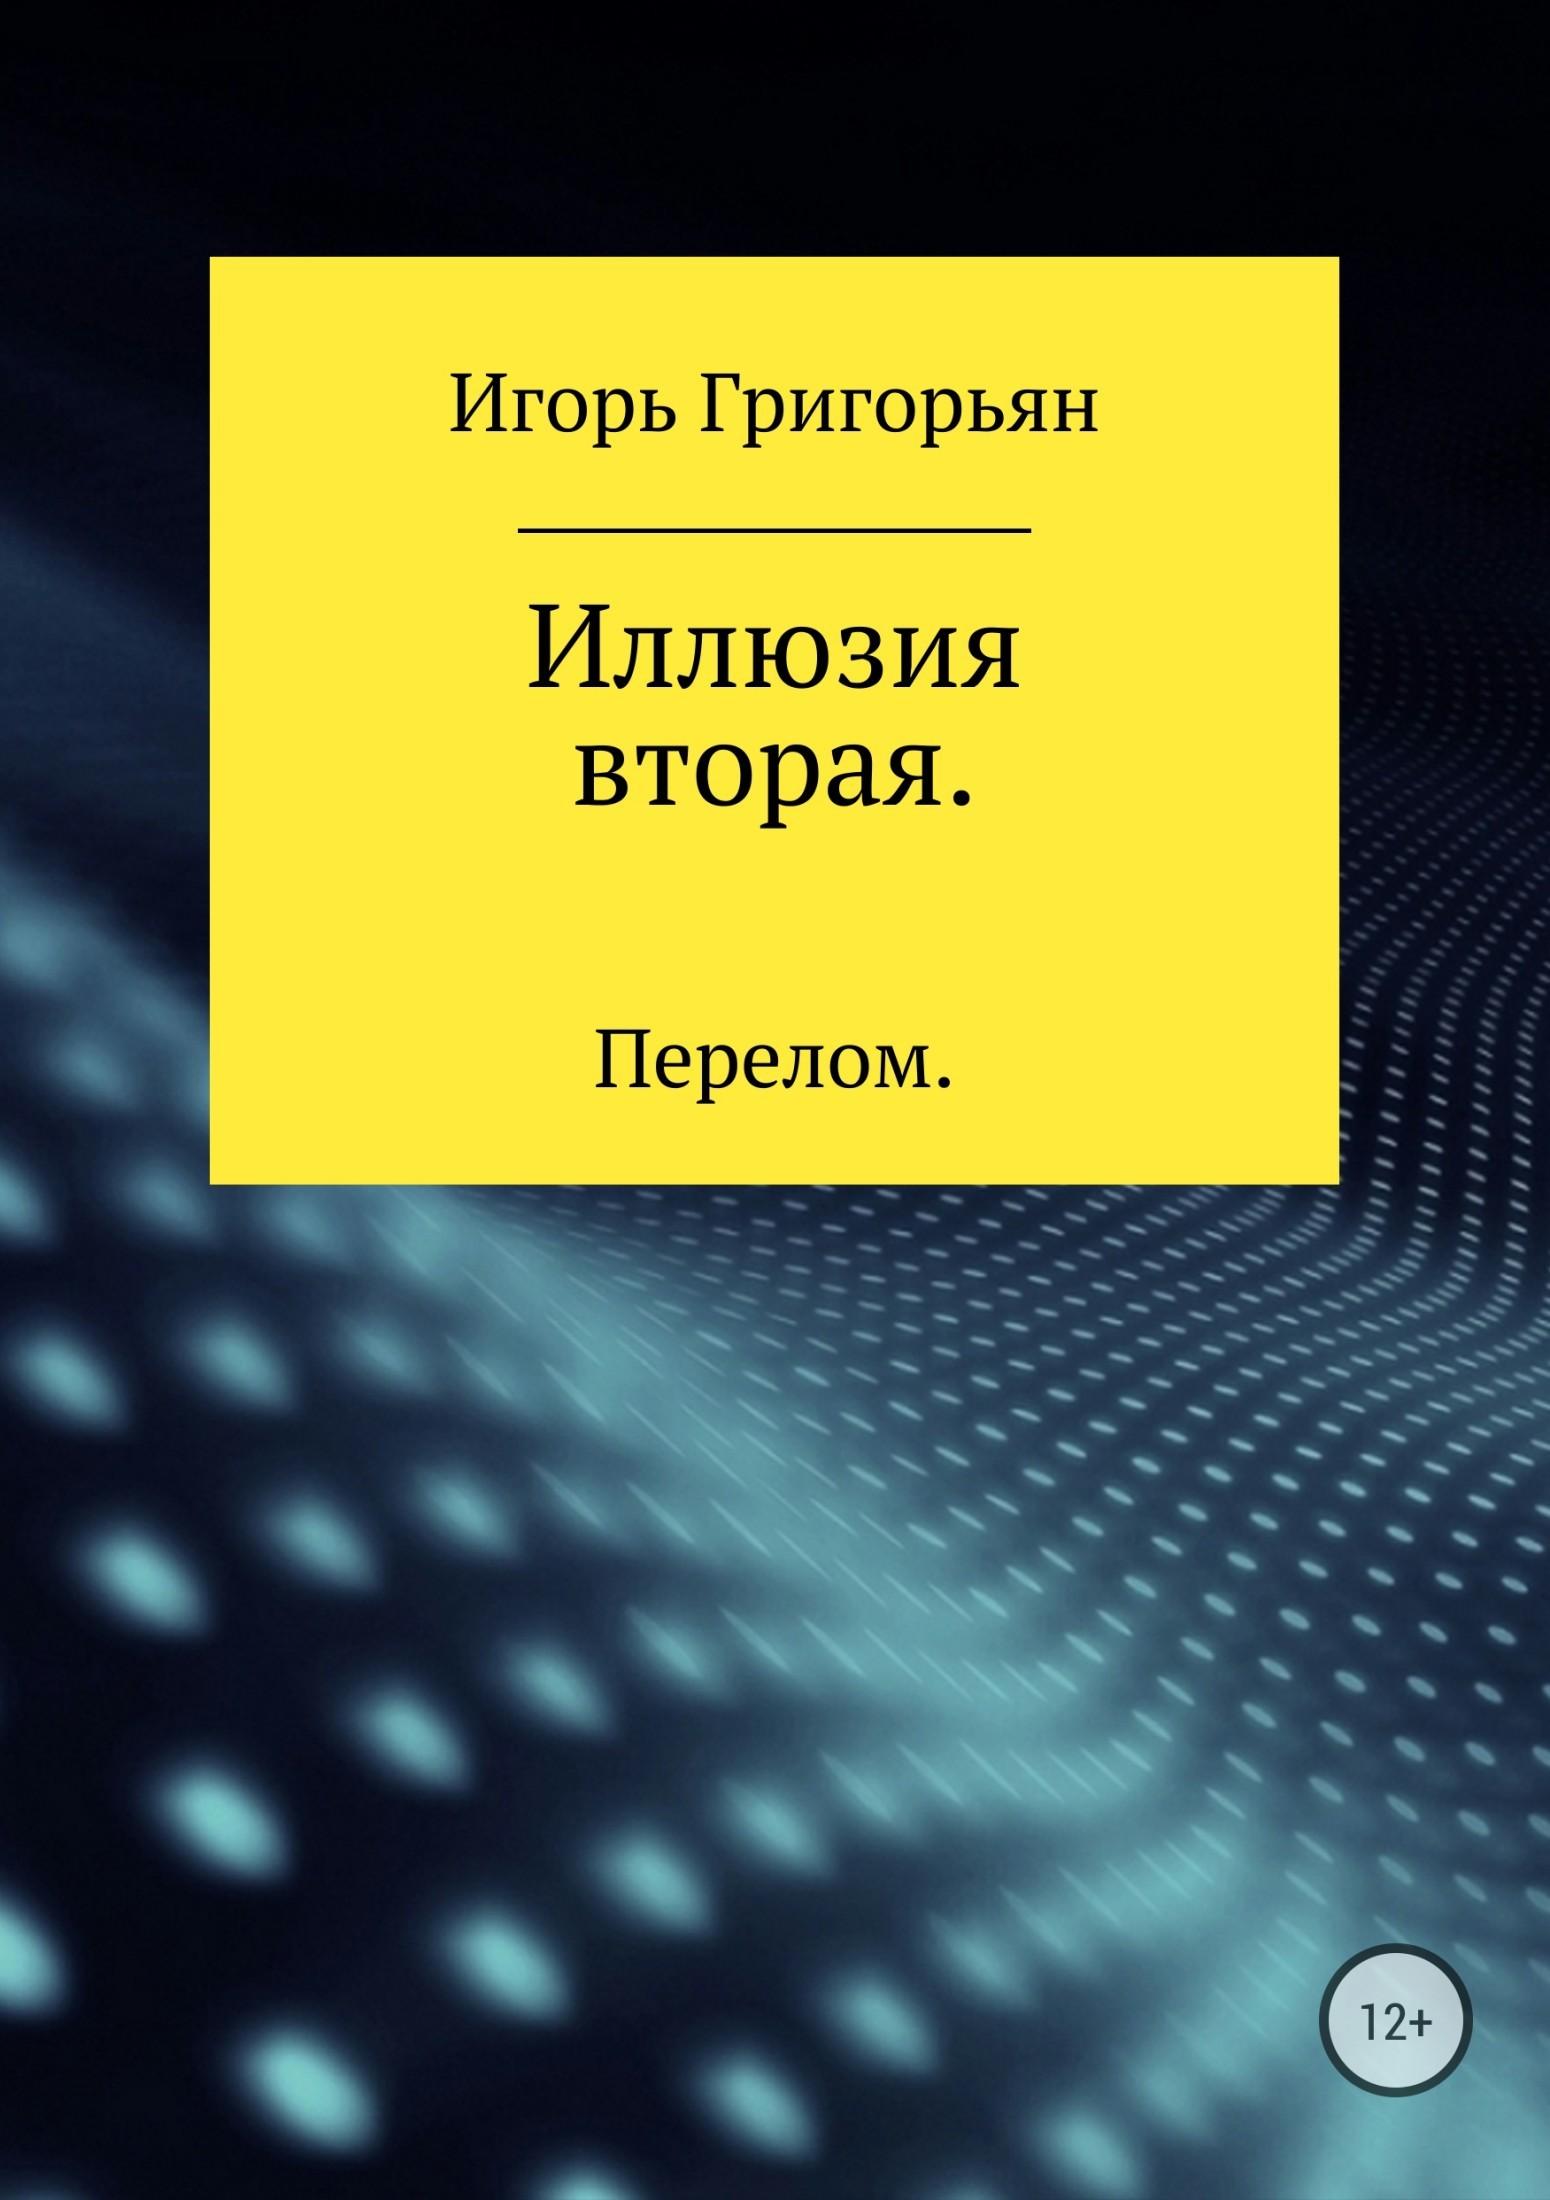 Игорь Григорьян «Иллюзия вторая. Перелом»